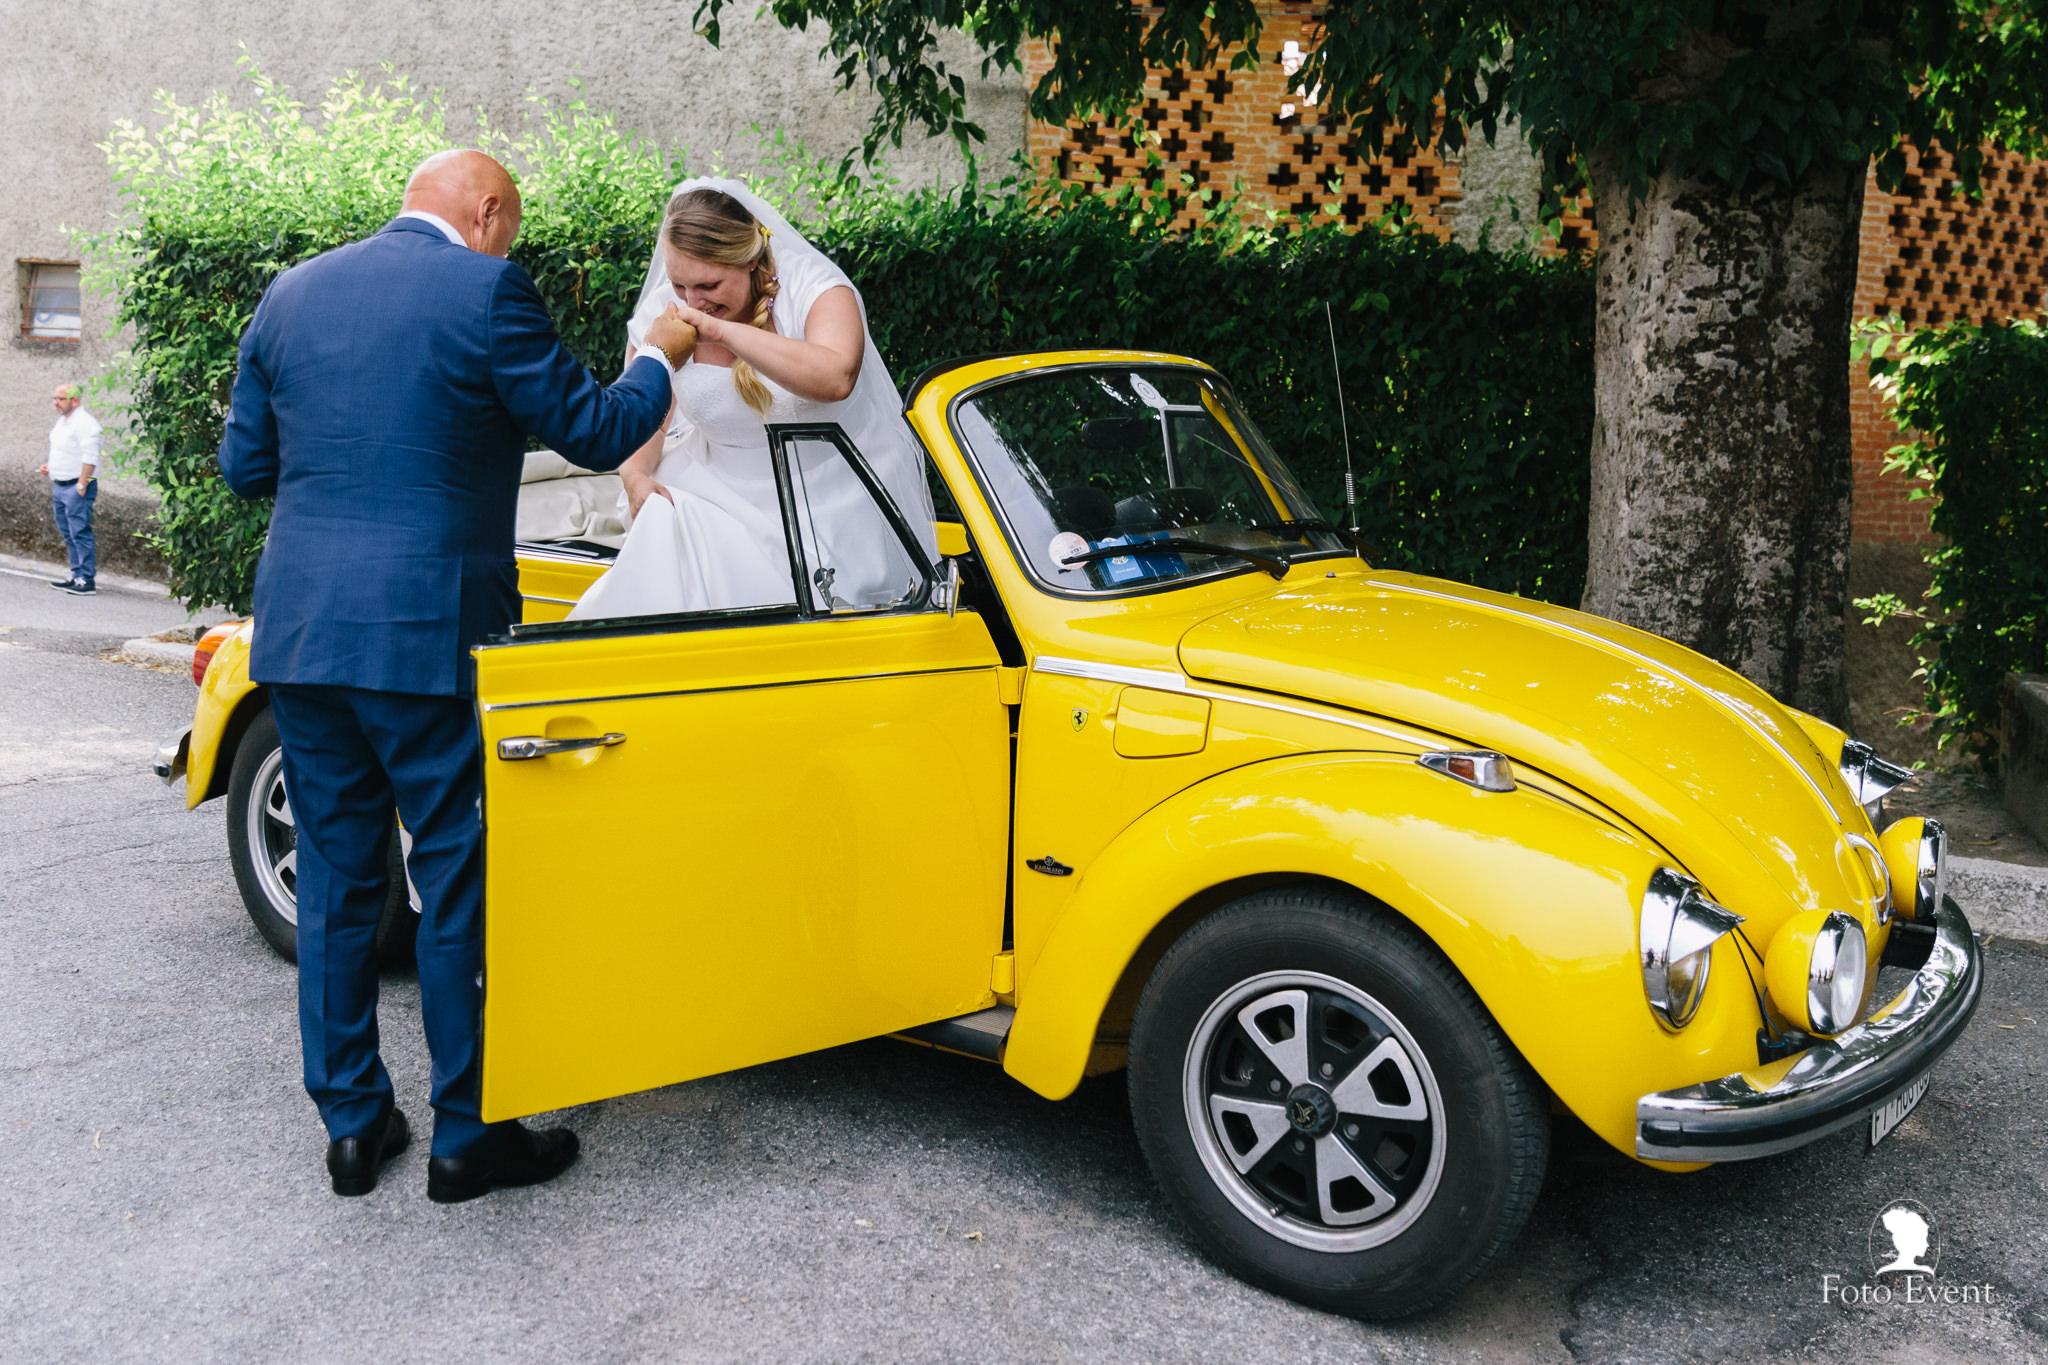 036-2019-07-27-Matrimonio-Valentina-e-Alessandro-Pettinari-5DE-546